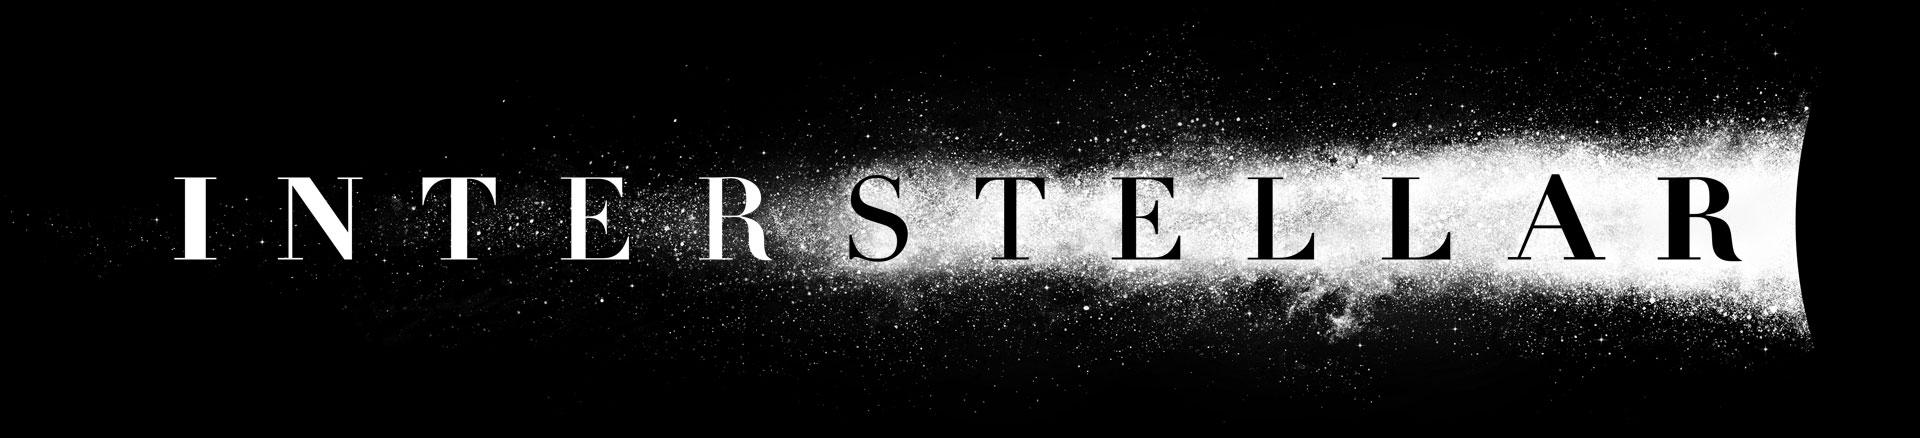 logo_interstellar